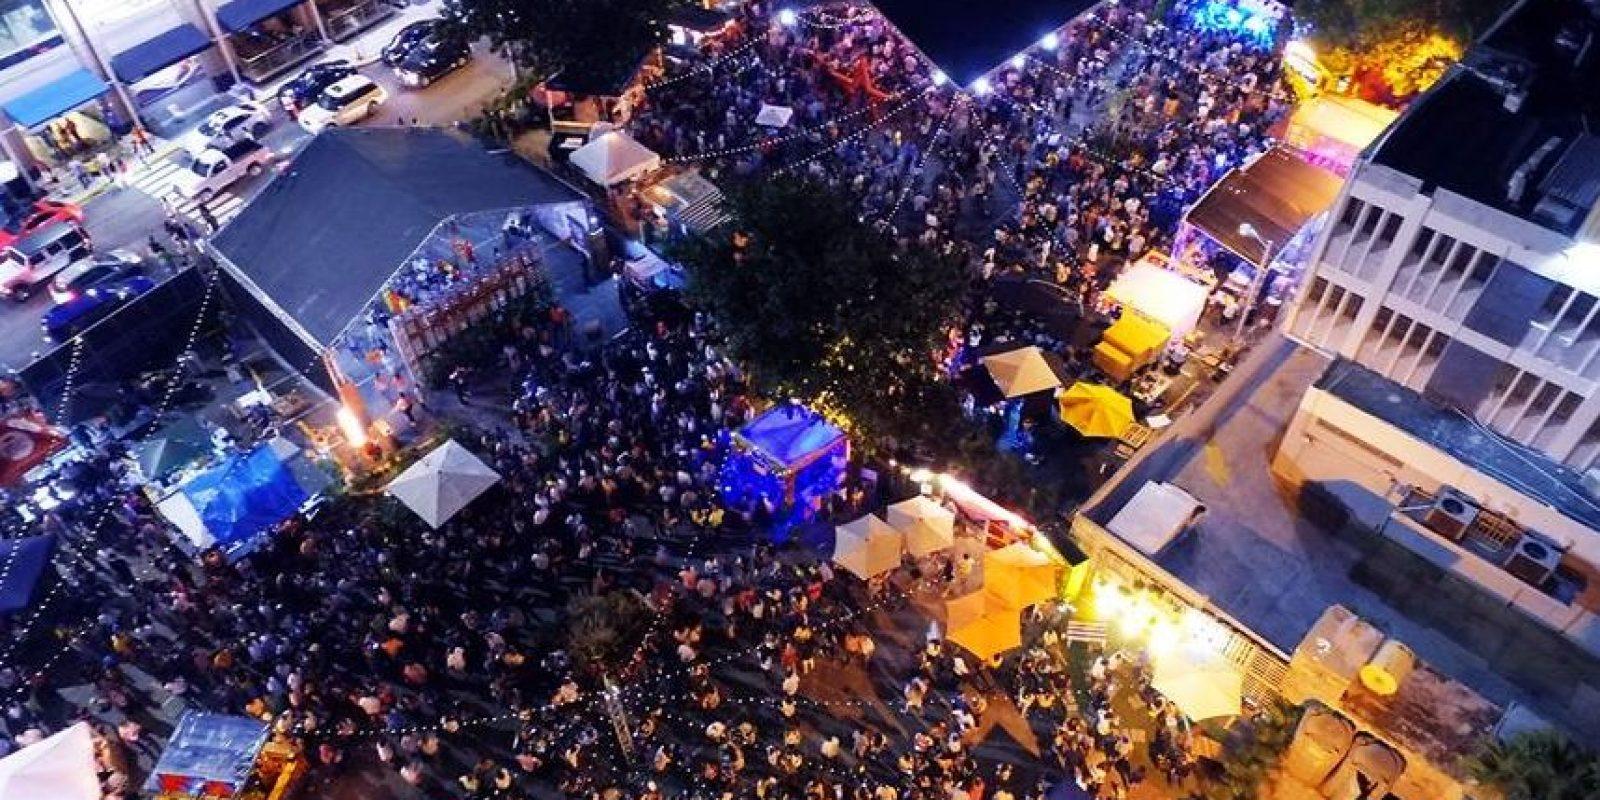 Panorámica del Bocao Food Fest en la noche del sábado. Foto:Facebook Tropigas